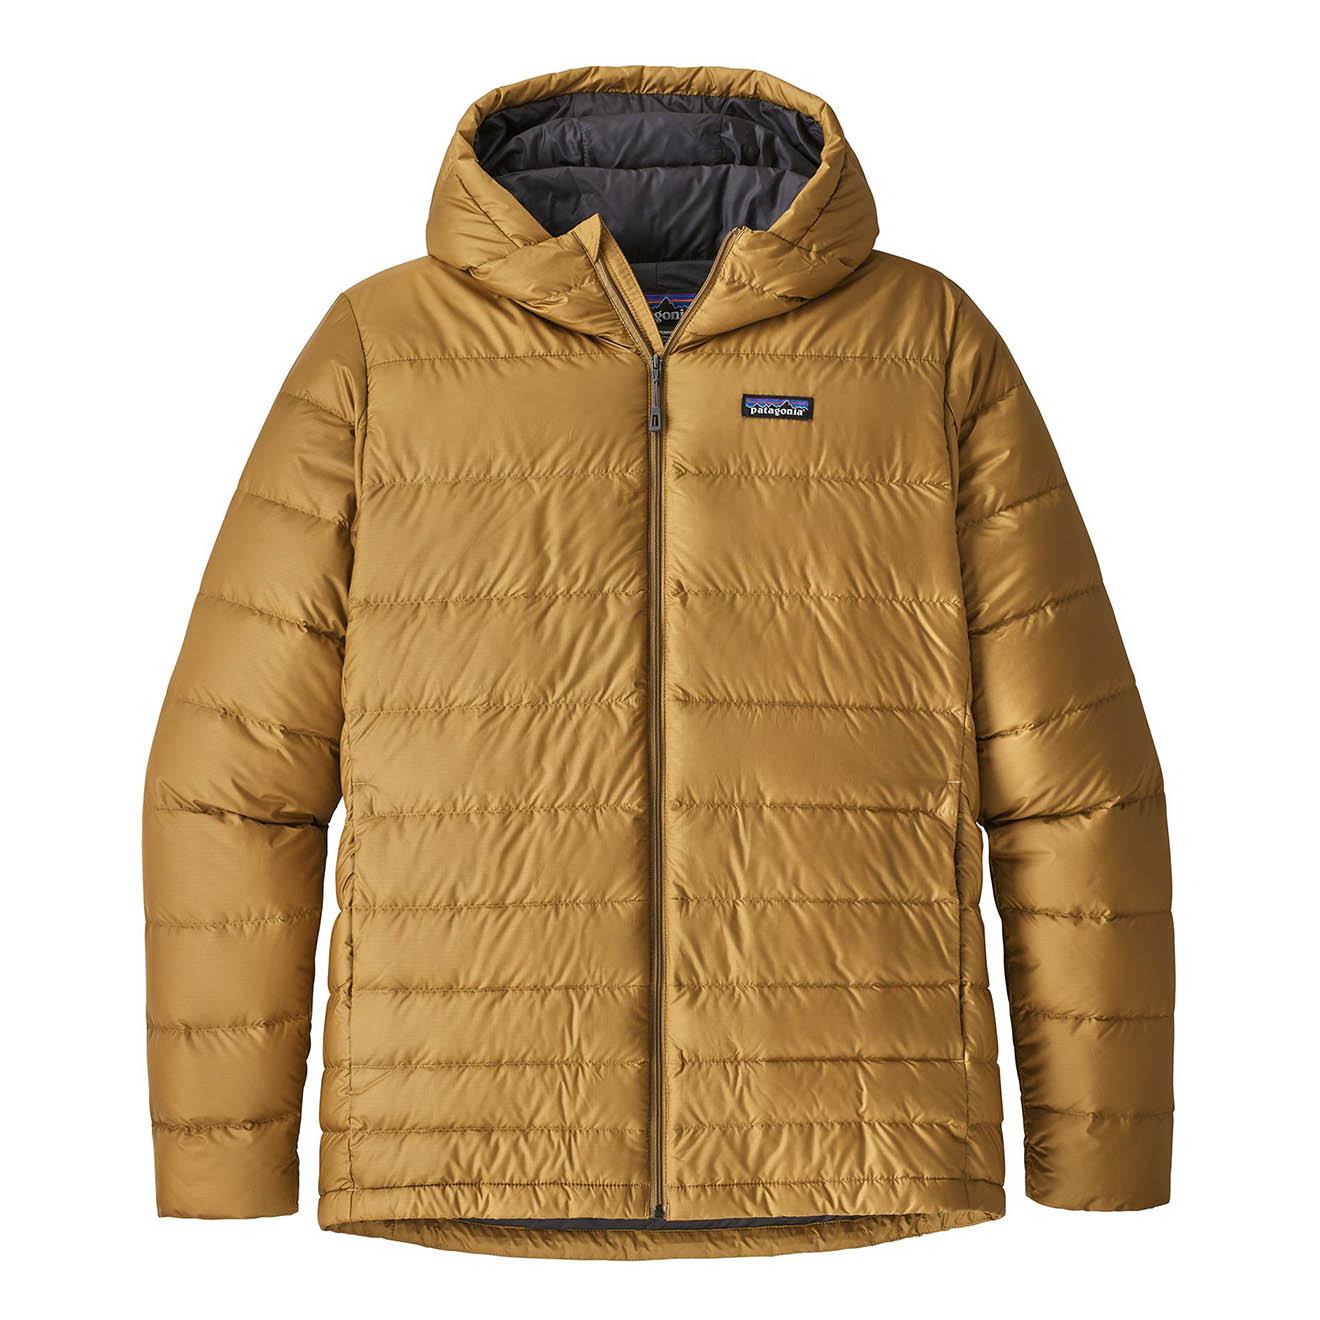 Patagonia Hi Loft Down Hoody Jacket Kastanos Brown The